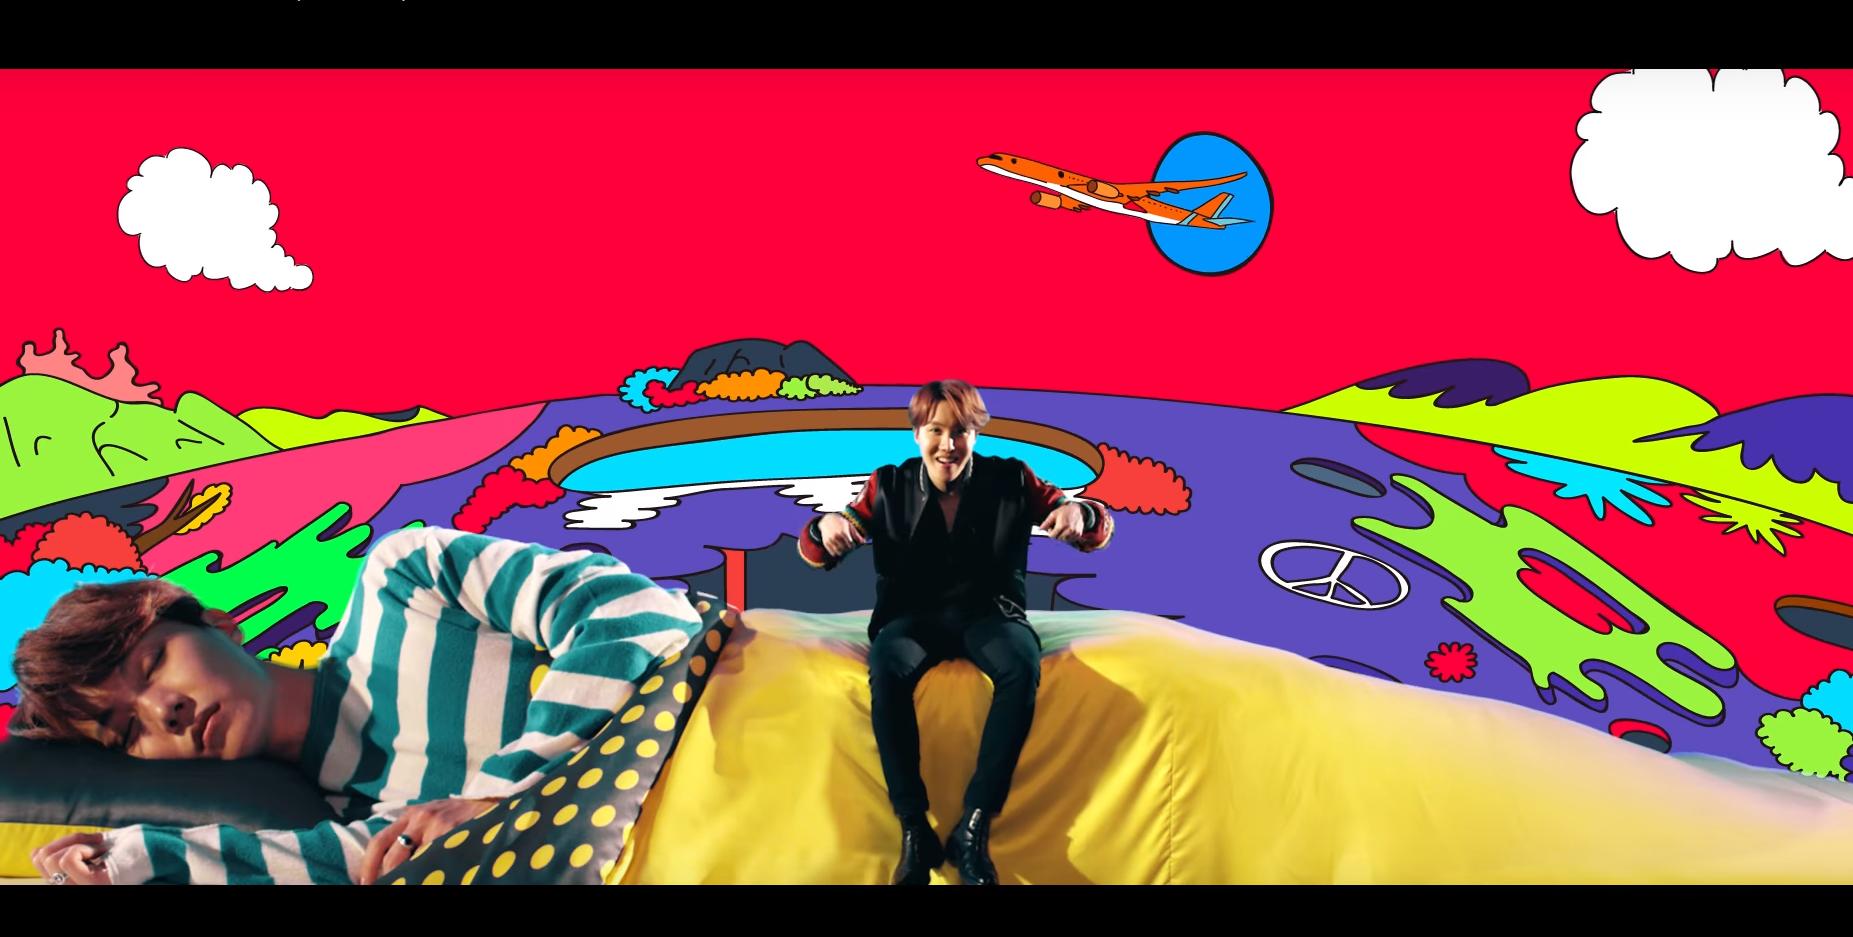 Sau một năm ra mắt, MV 'Daydream' của J-Hope (BTS) đã đạt 100 lượt xem trên Youtube ảnh 2